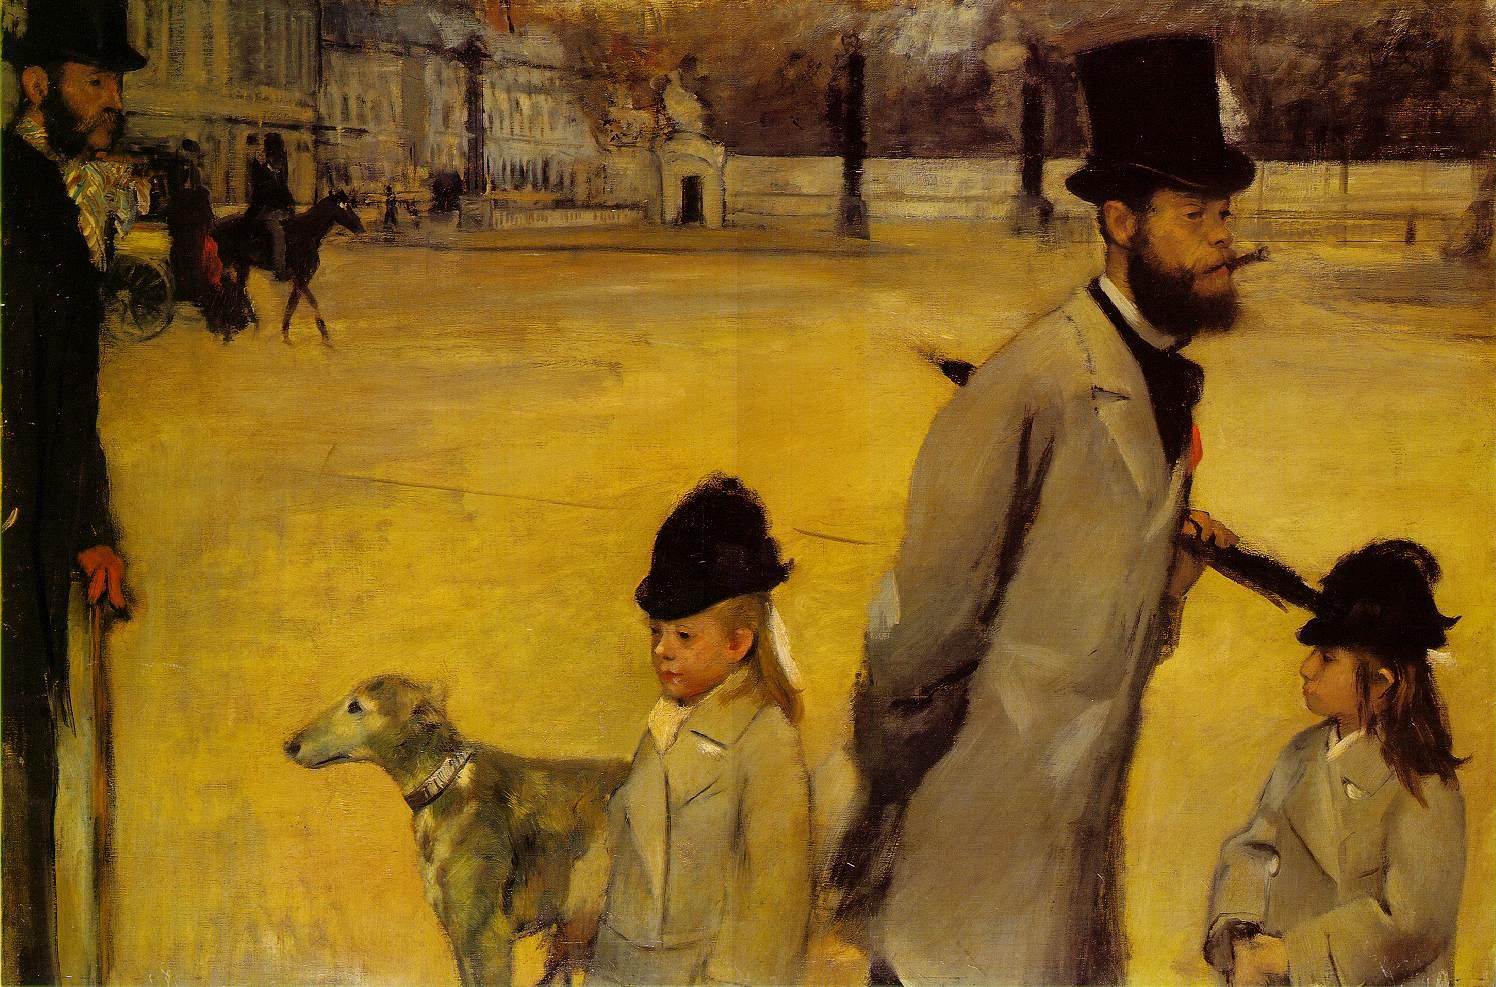 edgar-degas-place-de-la-concorde-1875